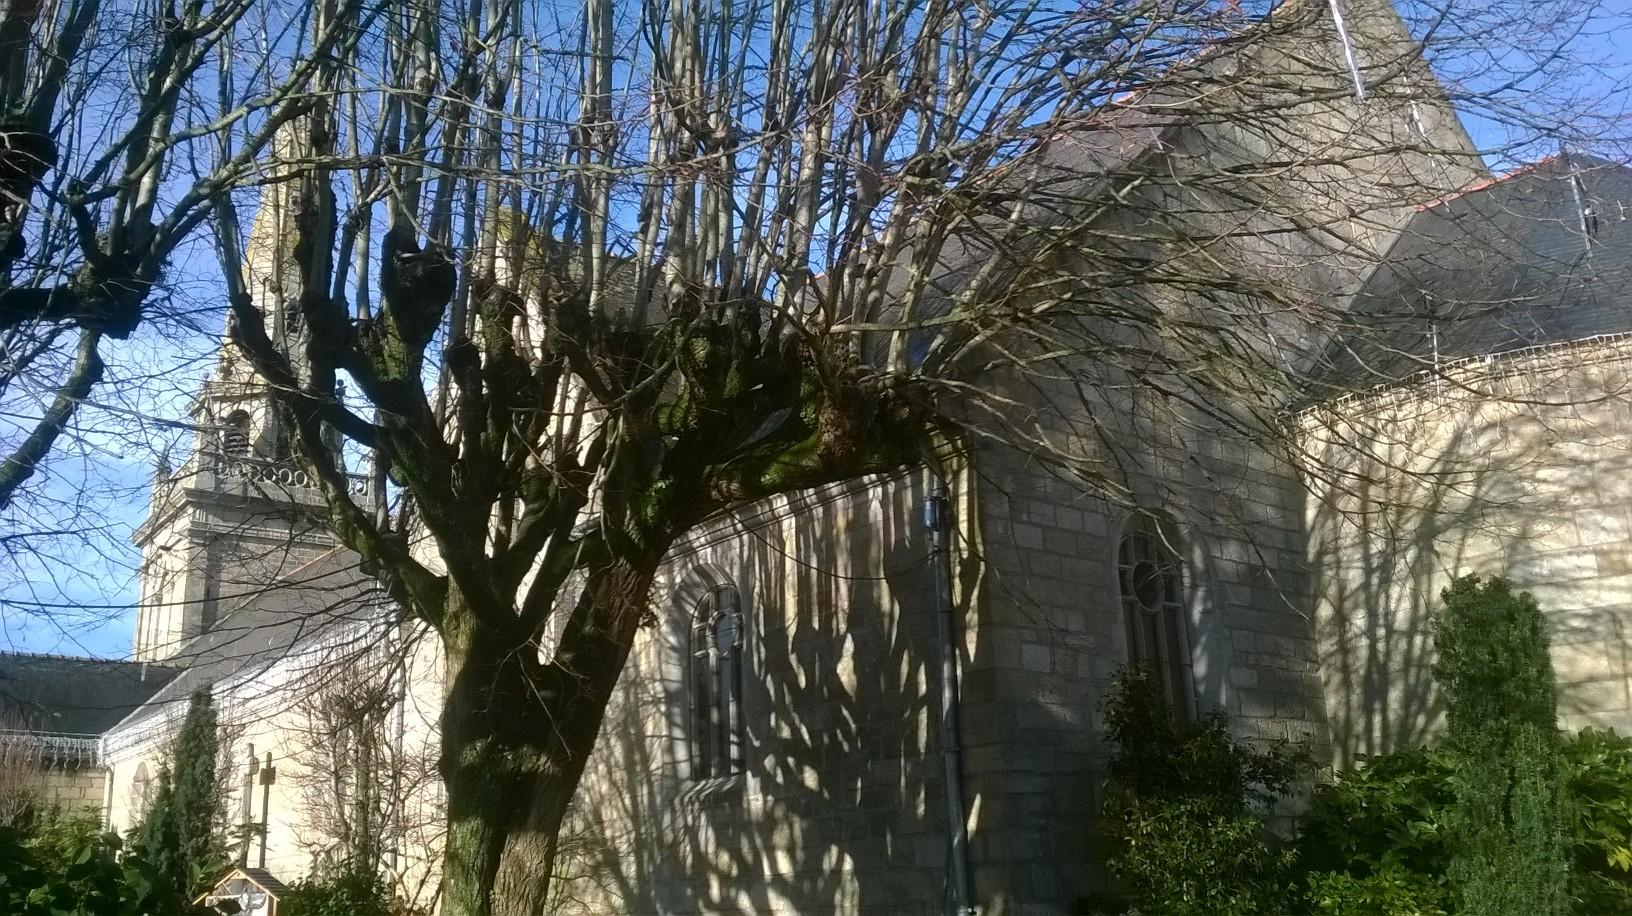 ploemeur ch st pierre side old tree jan18